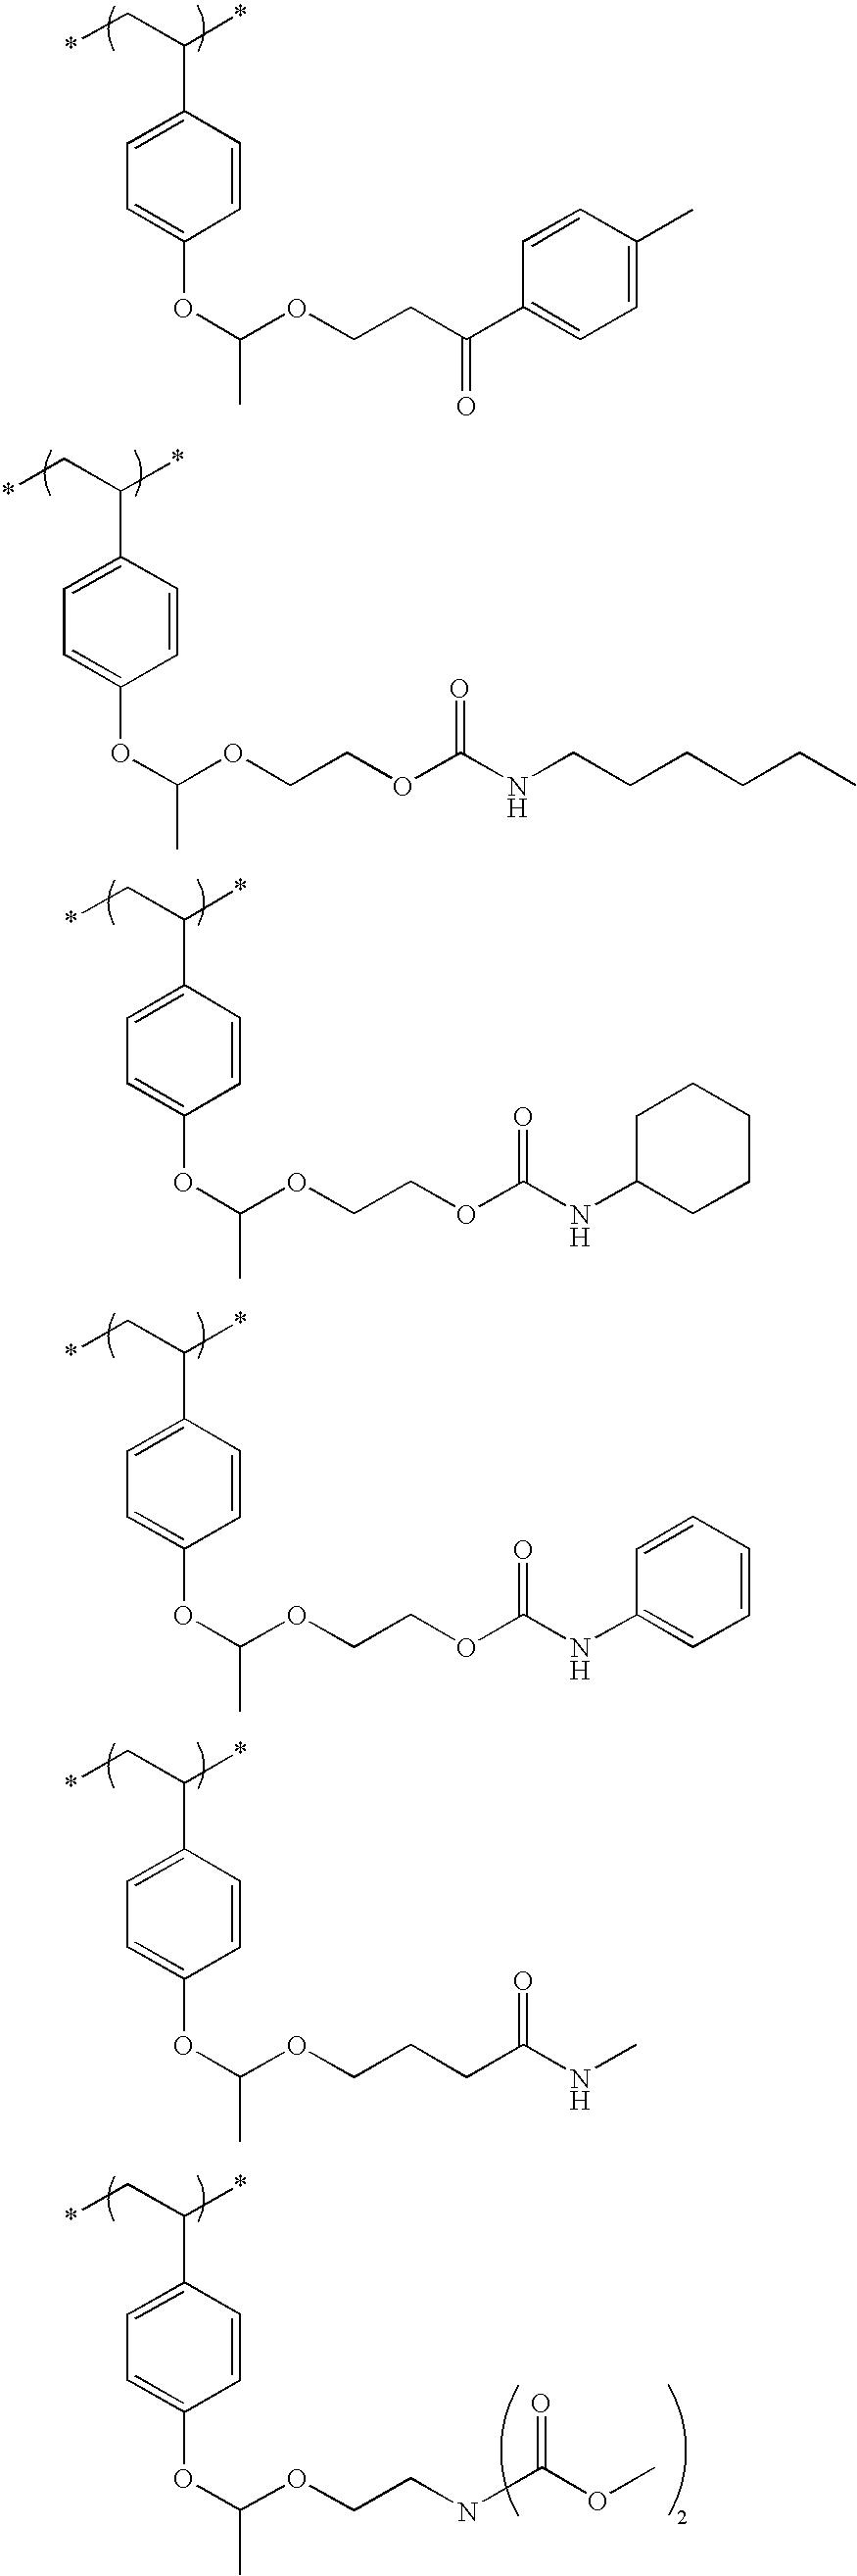 Figure US08852845-20141007-C00092